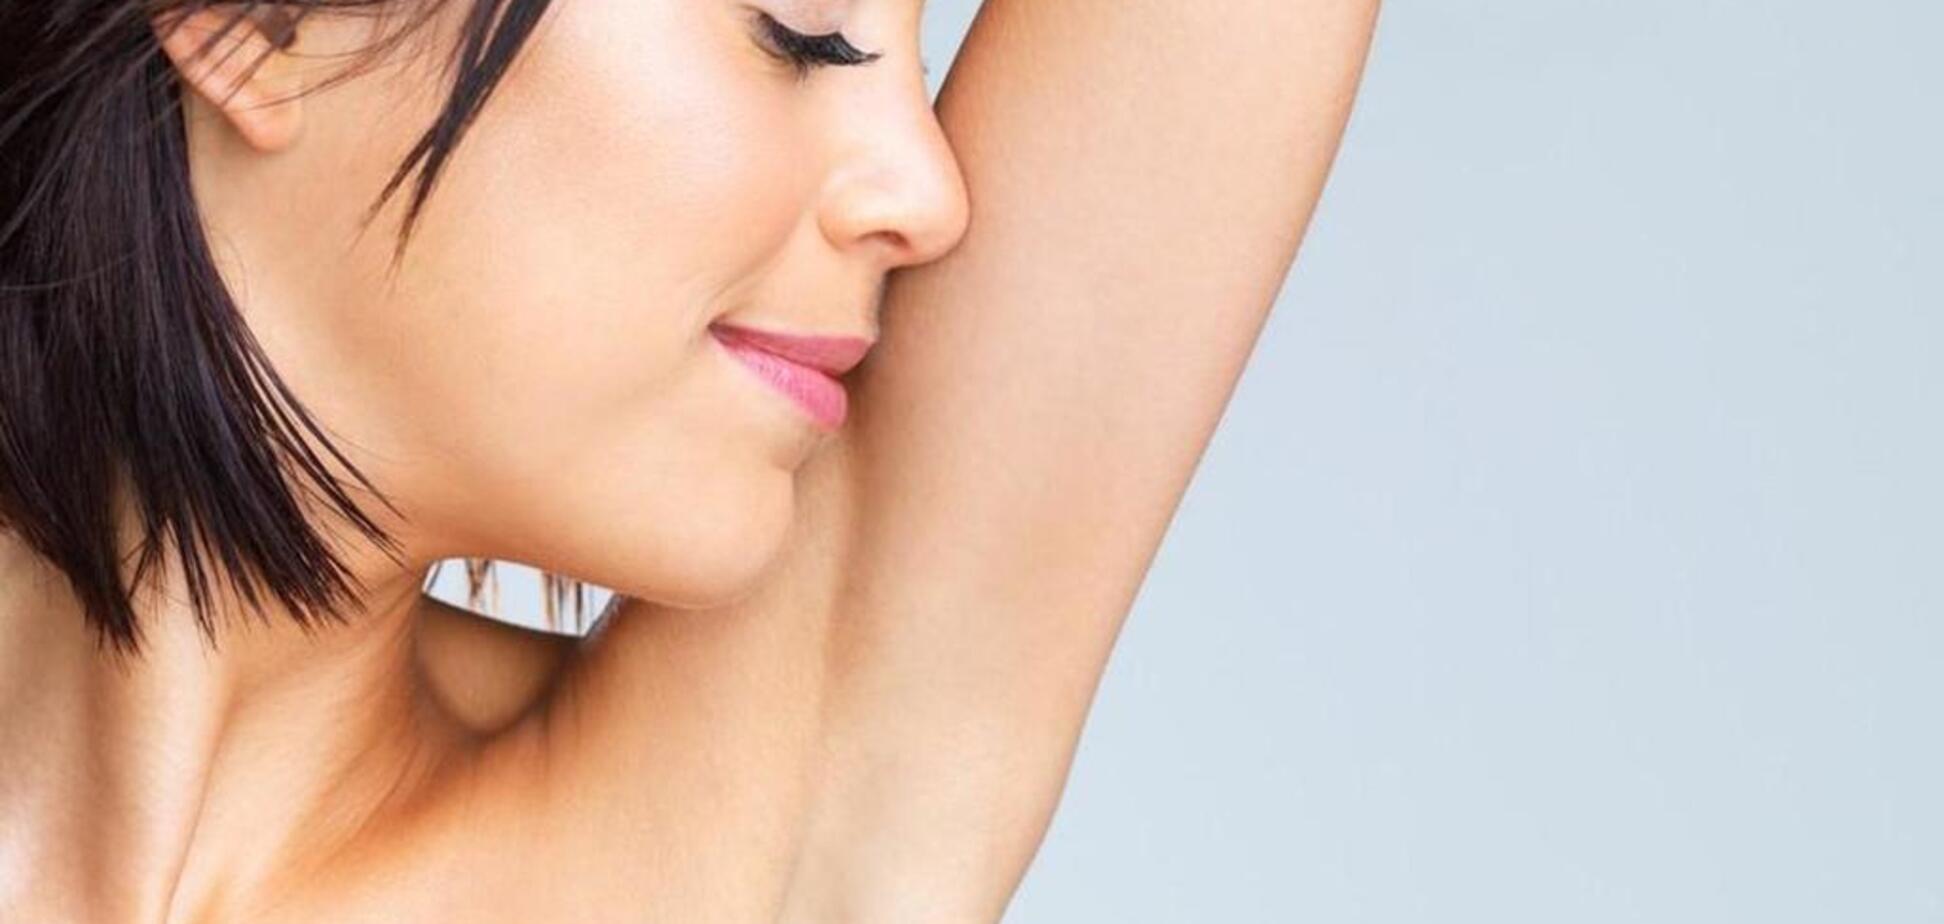 Потемнение кожи в области подмышек, шеи и паха